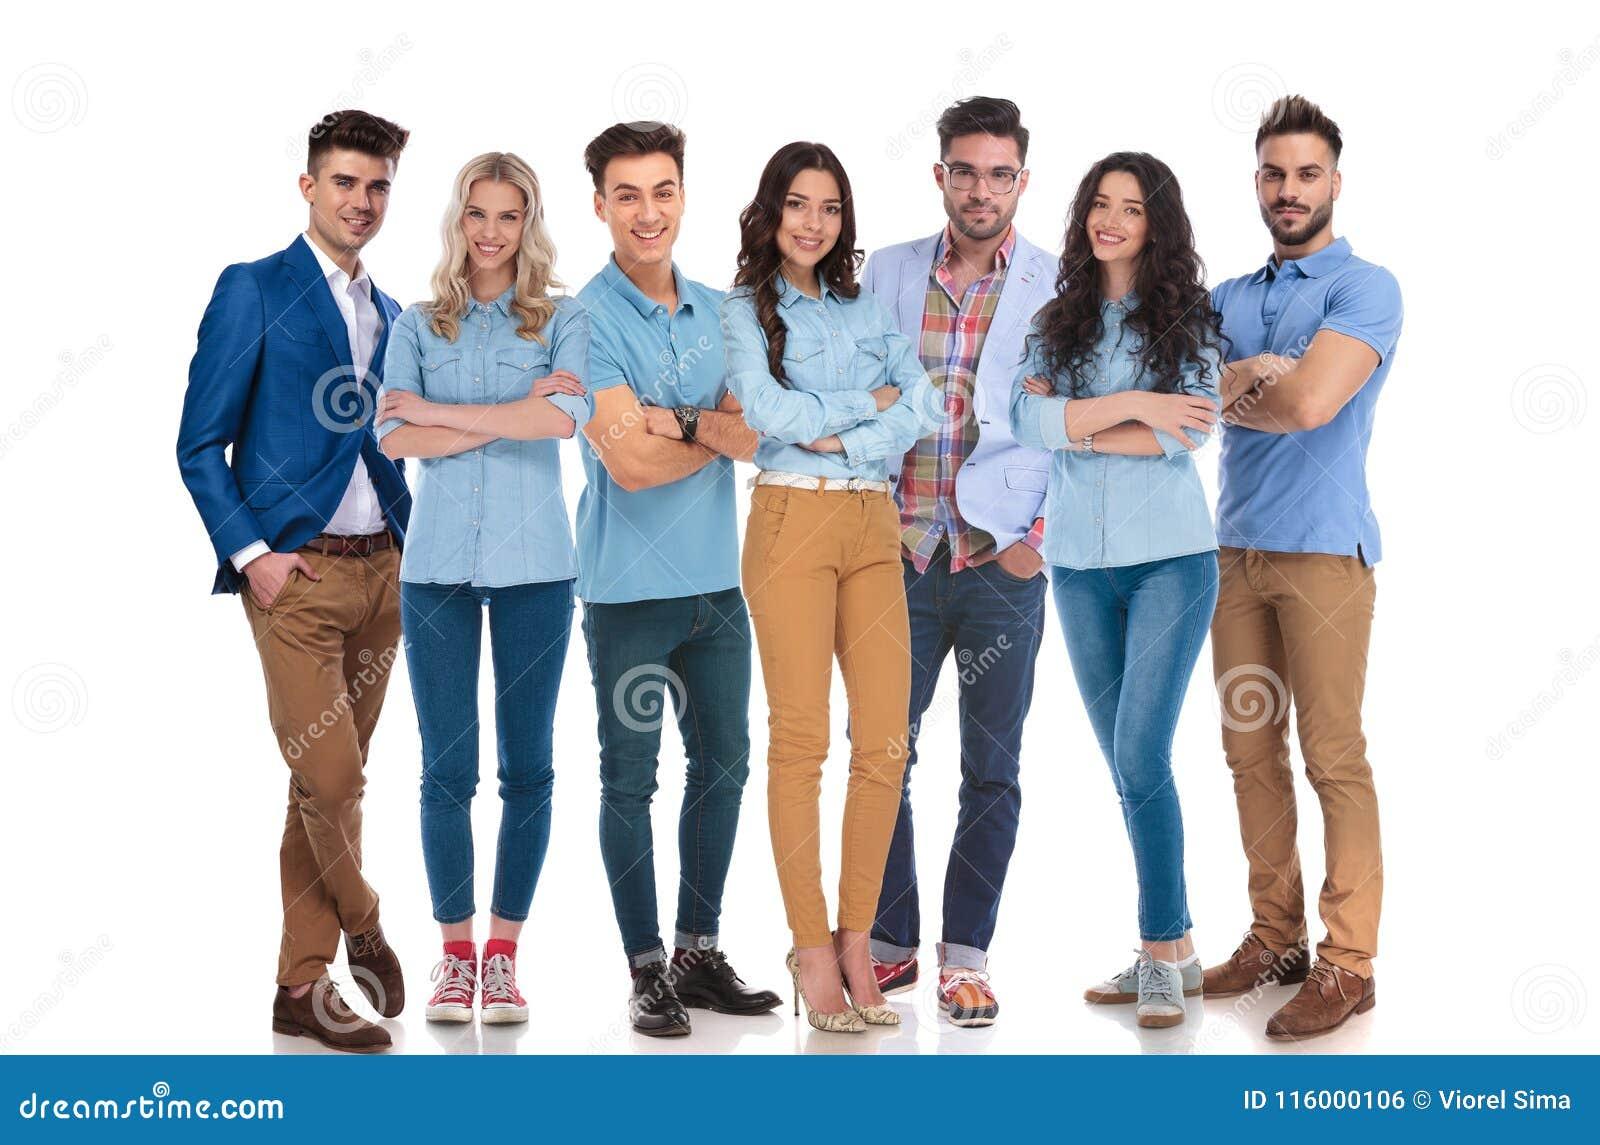 Szczęśliwa mieszana grupa siedem jest ubranym przypadkowych ubrań